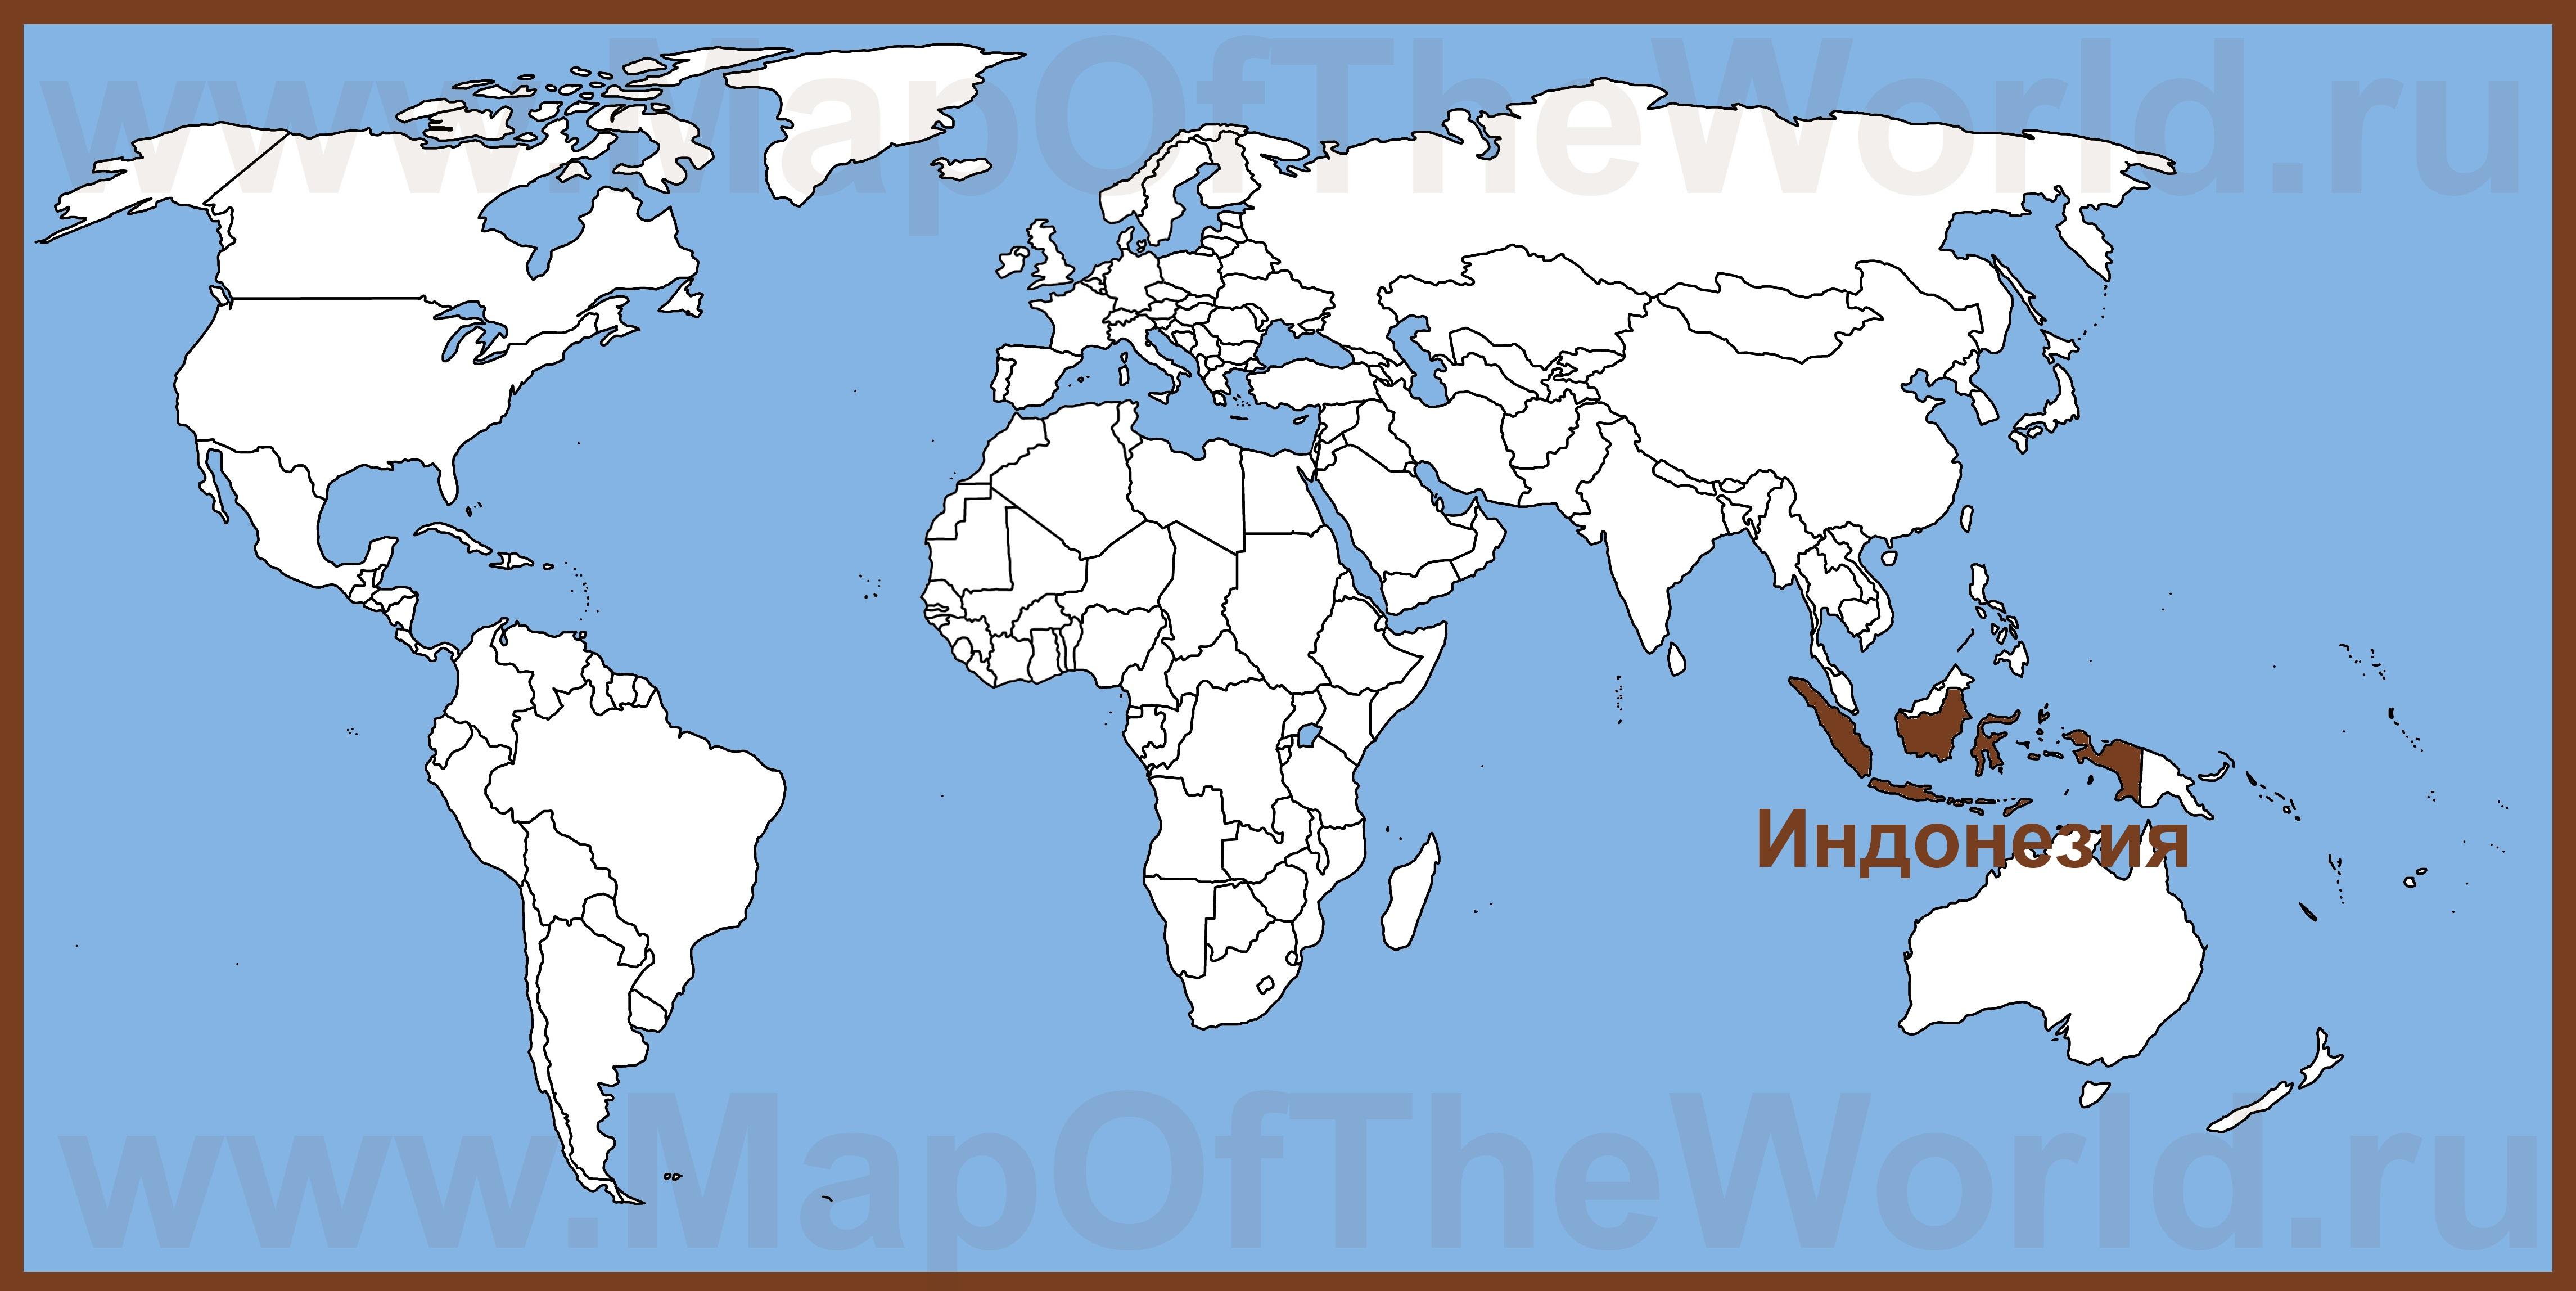 Картинки по запросу Индонезия на карте Мира